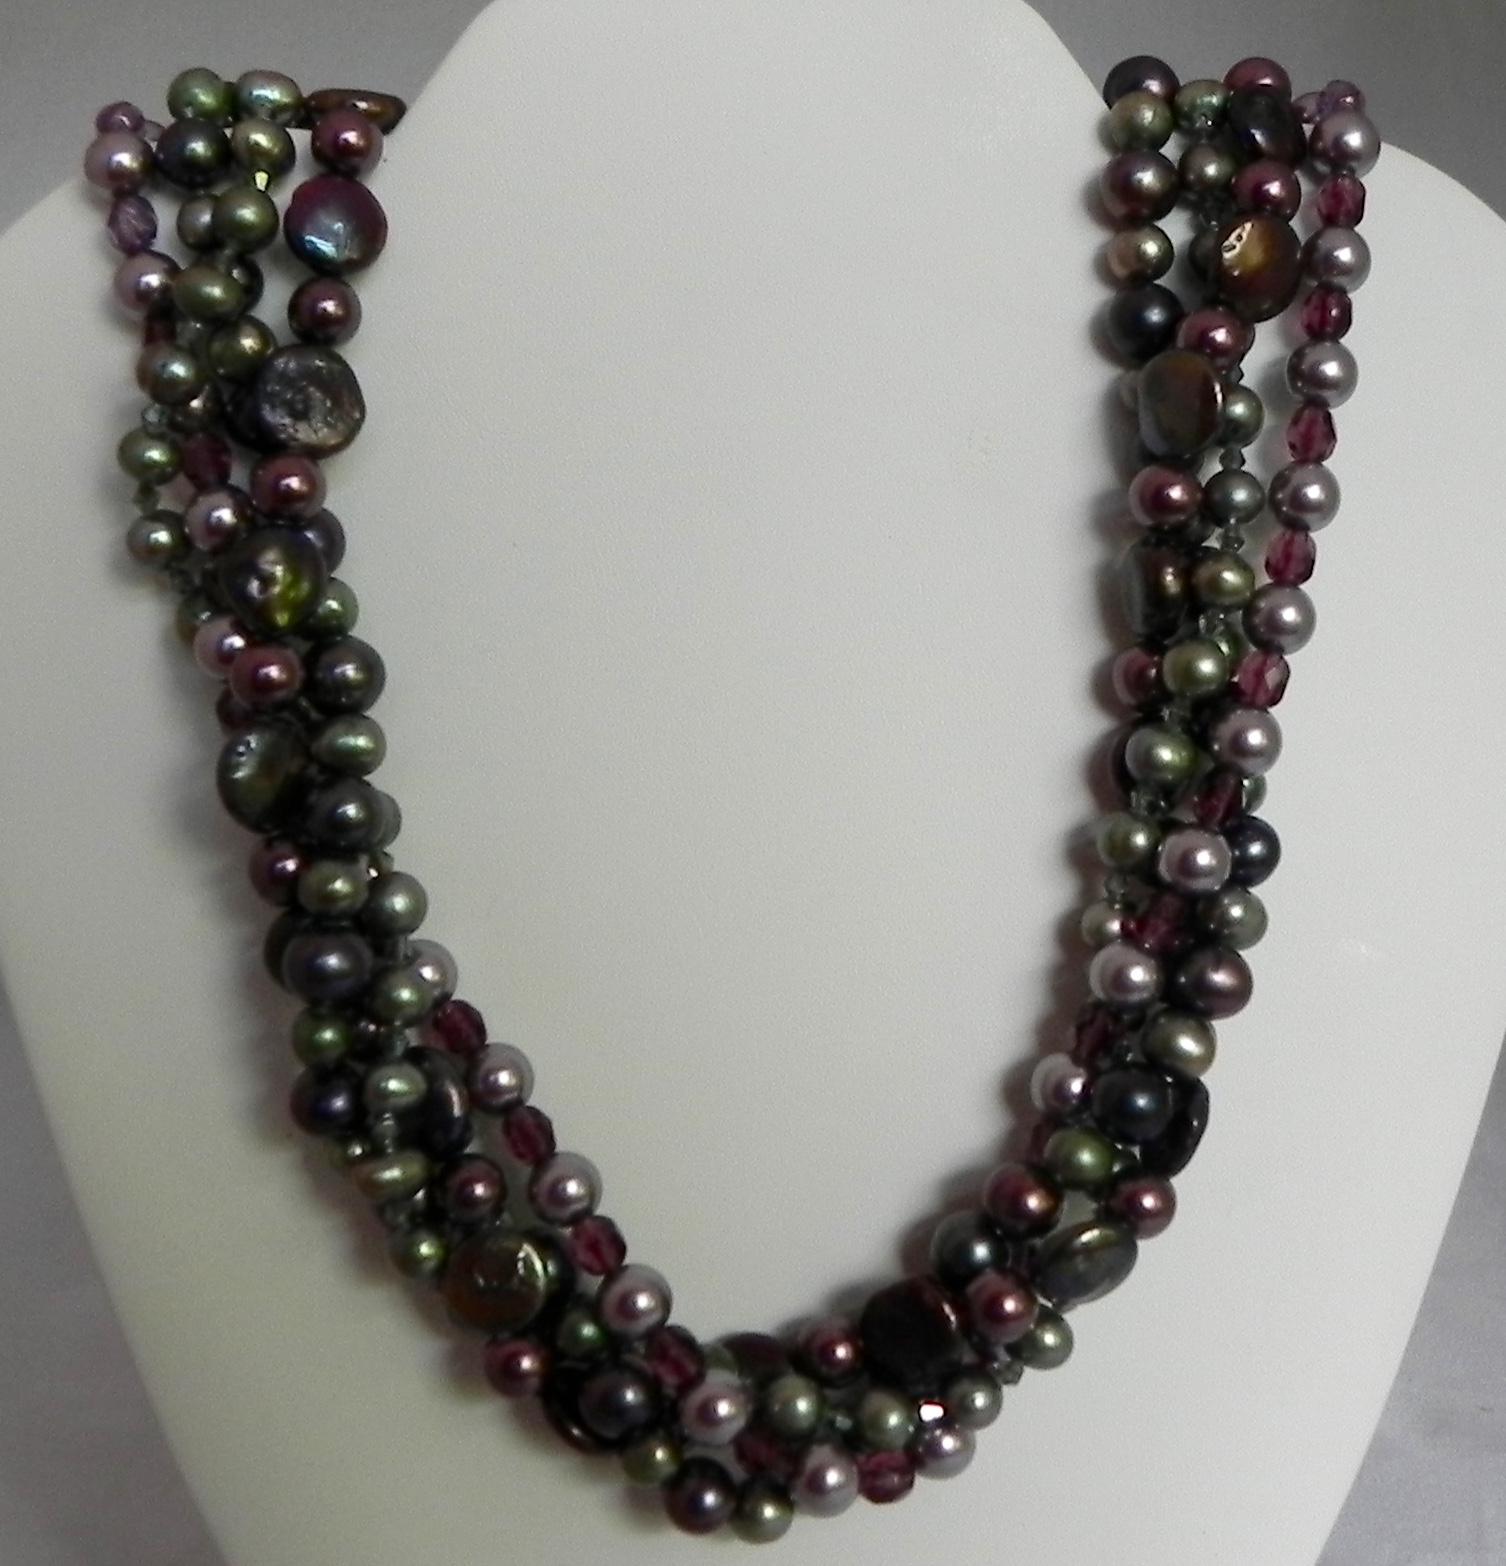 Pearls & Swarovski Pearls #417